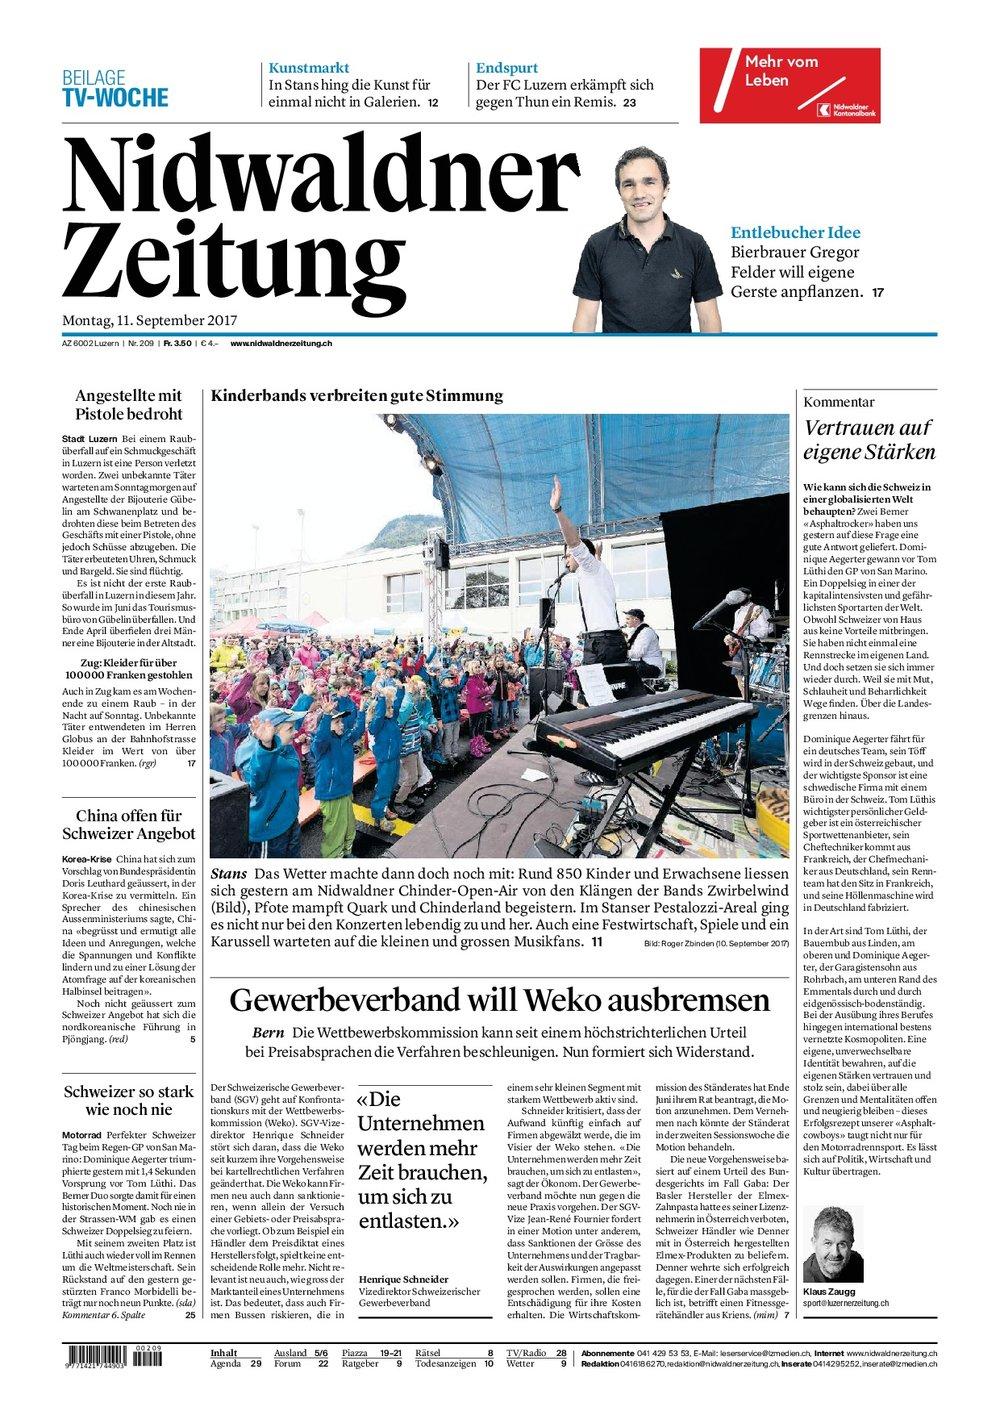 Nidwadner Zeitung_12.09.2017_Titelseite.jpg